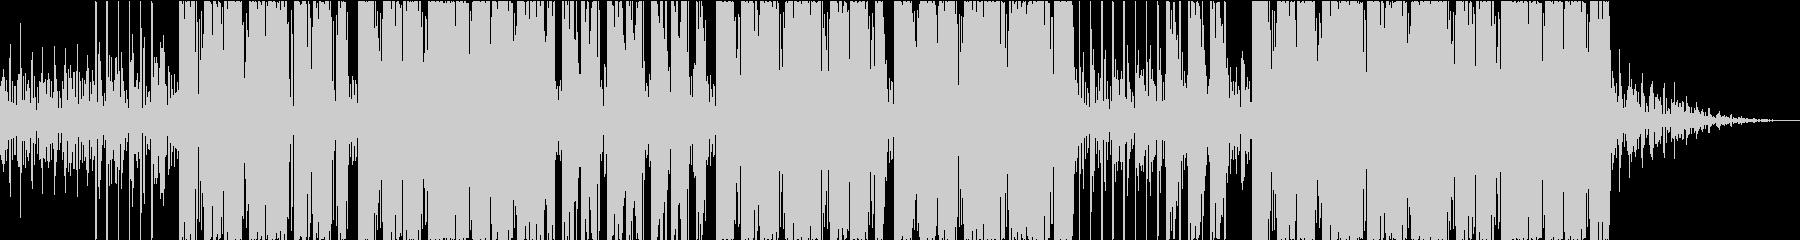 パワフル、インテンス、ヒップホップの未再生の波形